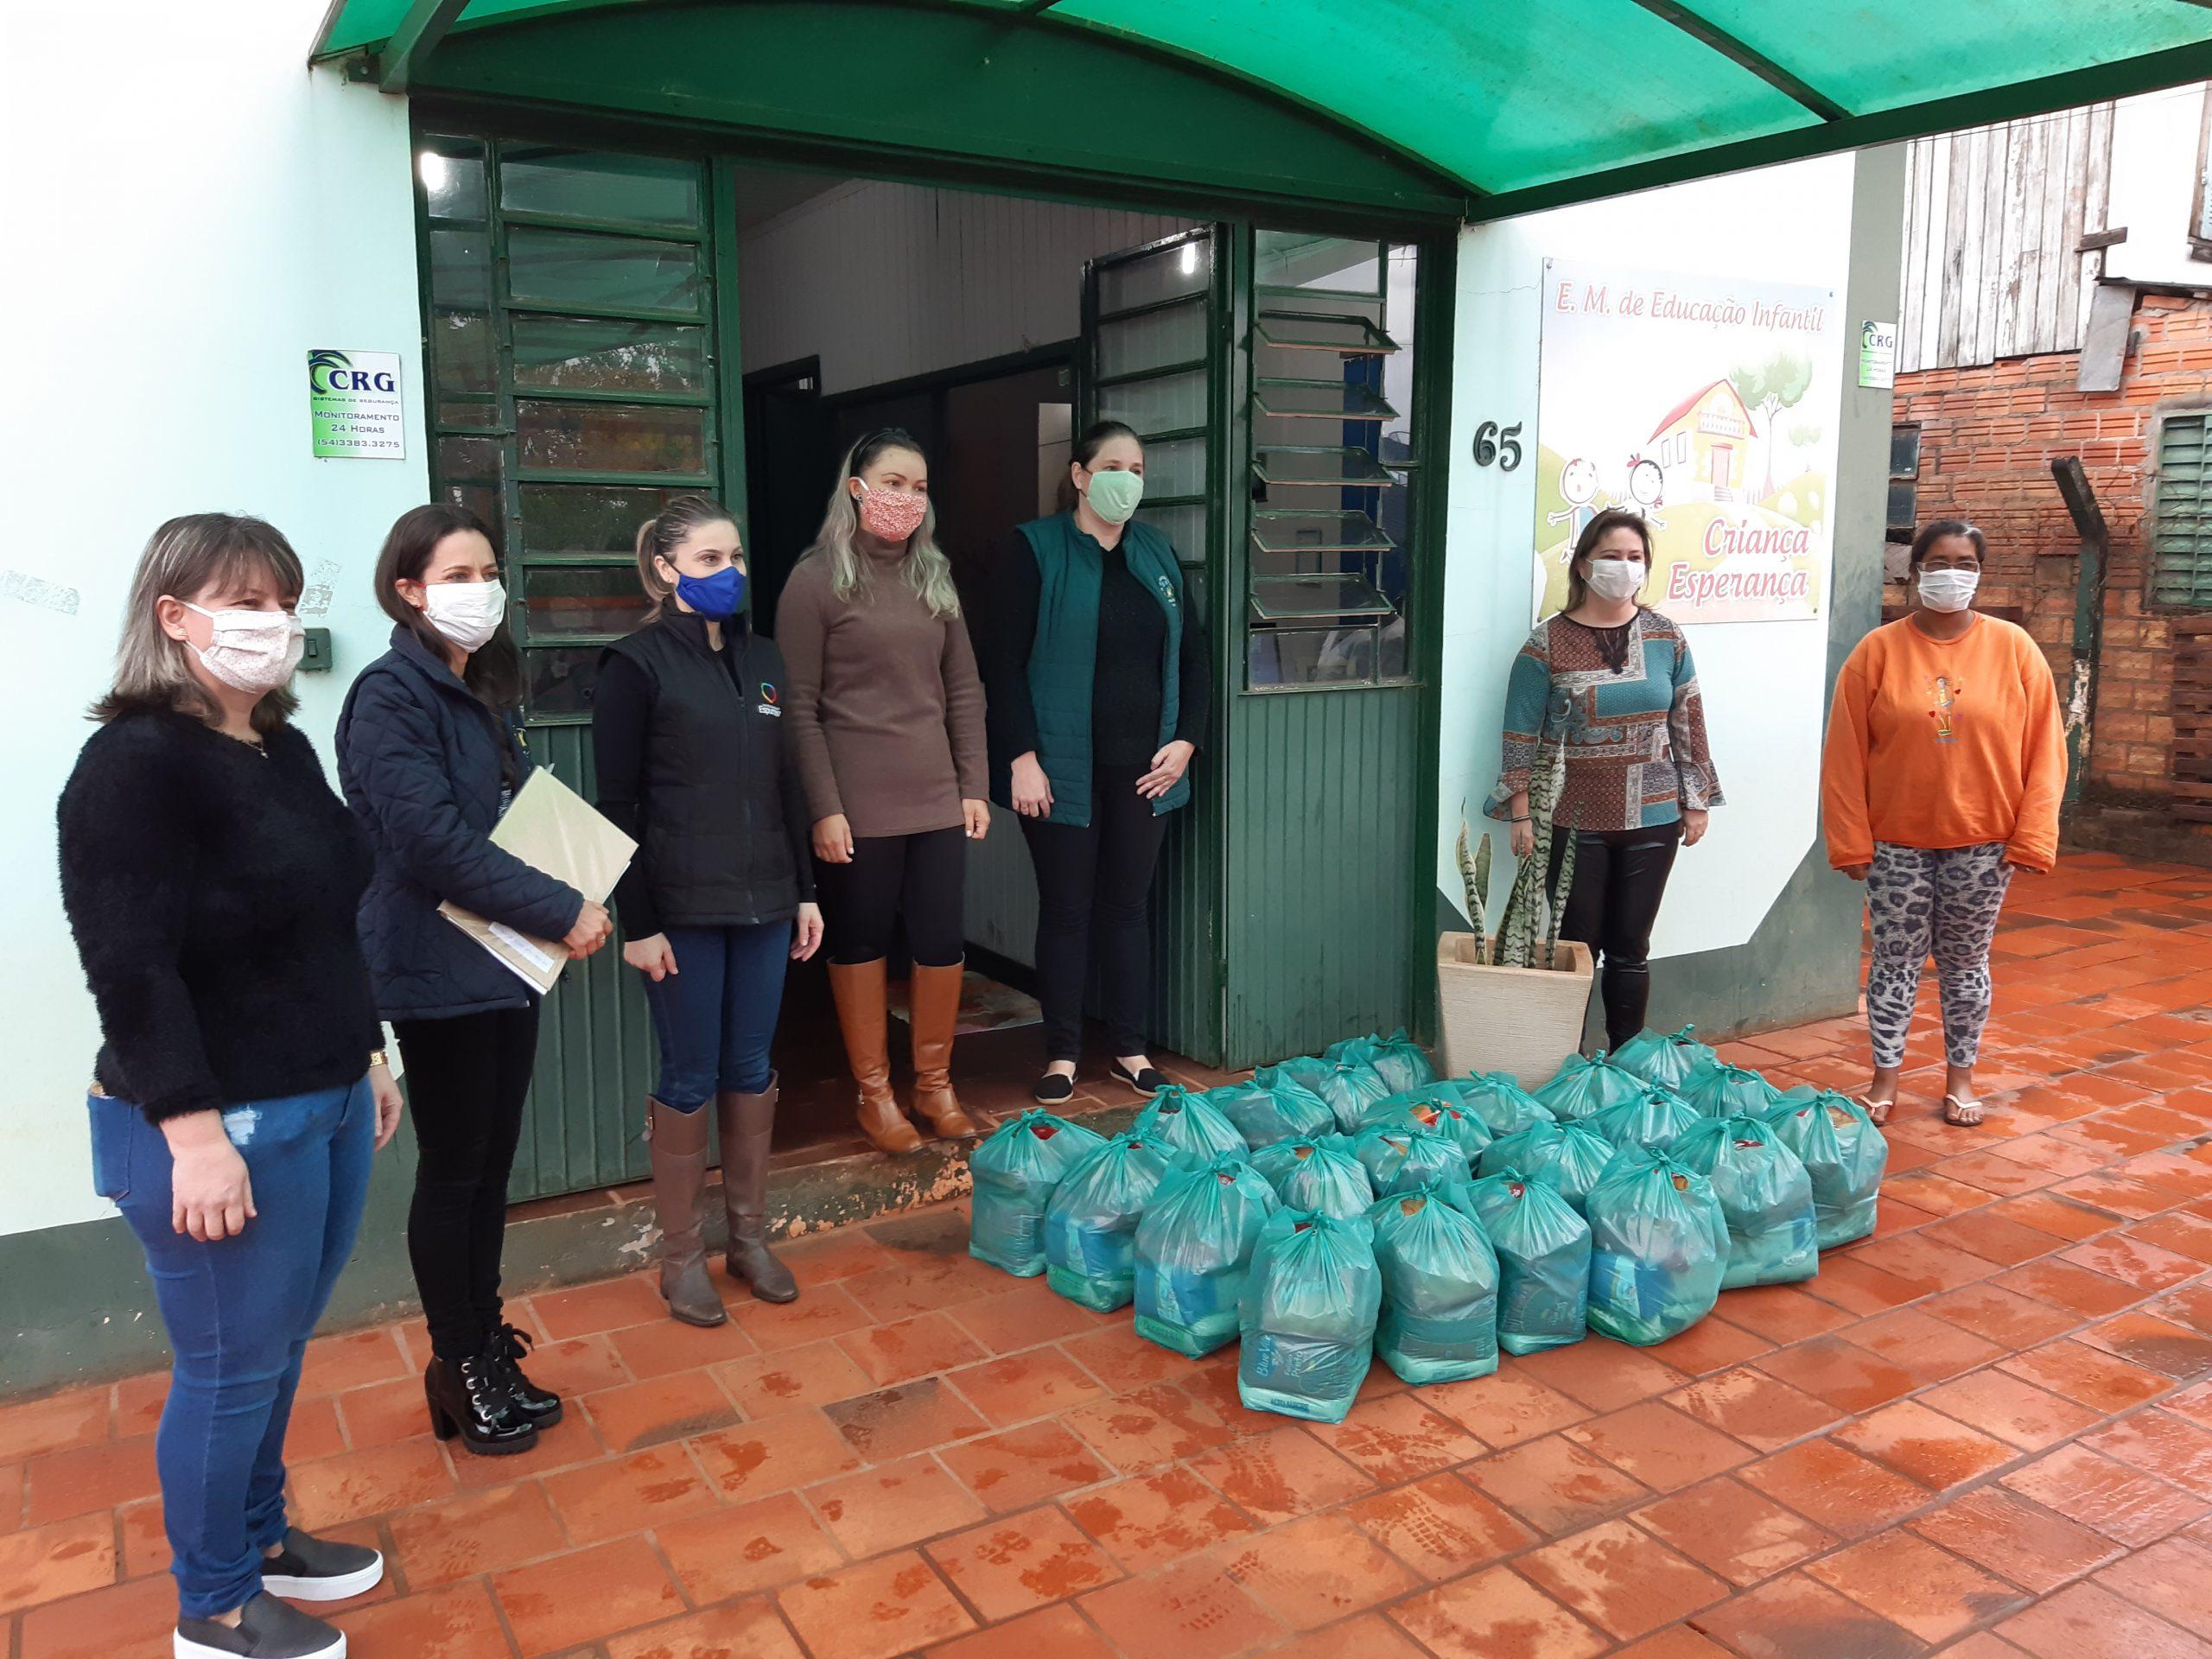 Secretaria de Educação distribuiu cestas básicas em Espumoso